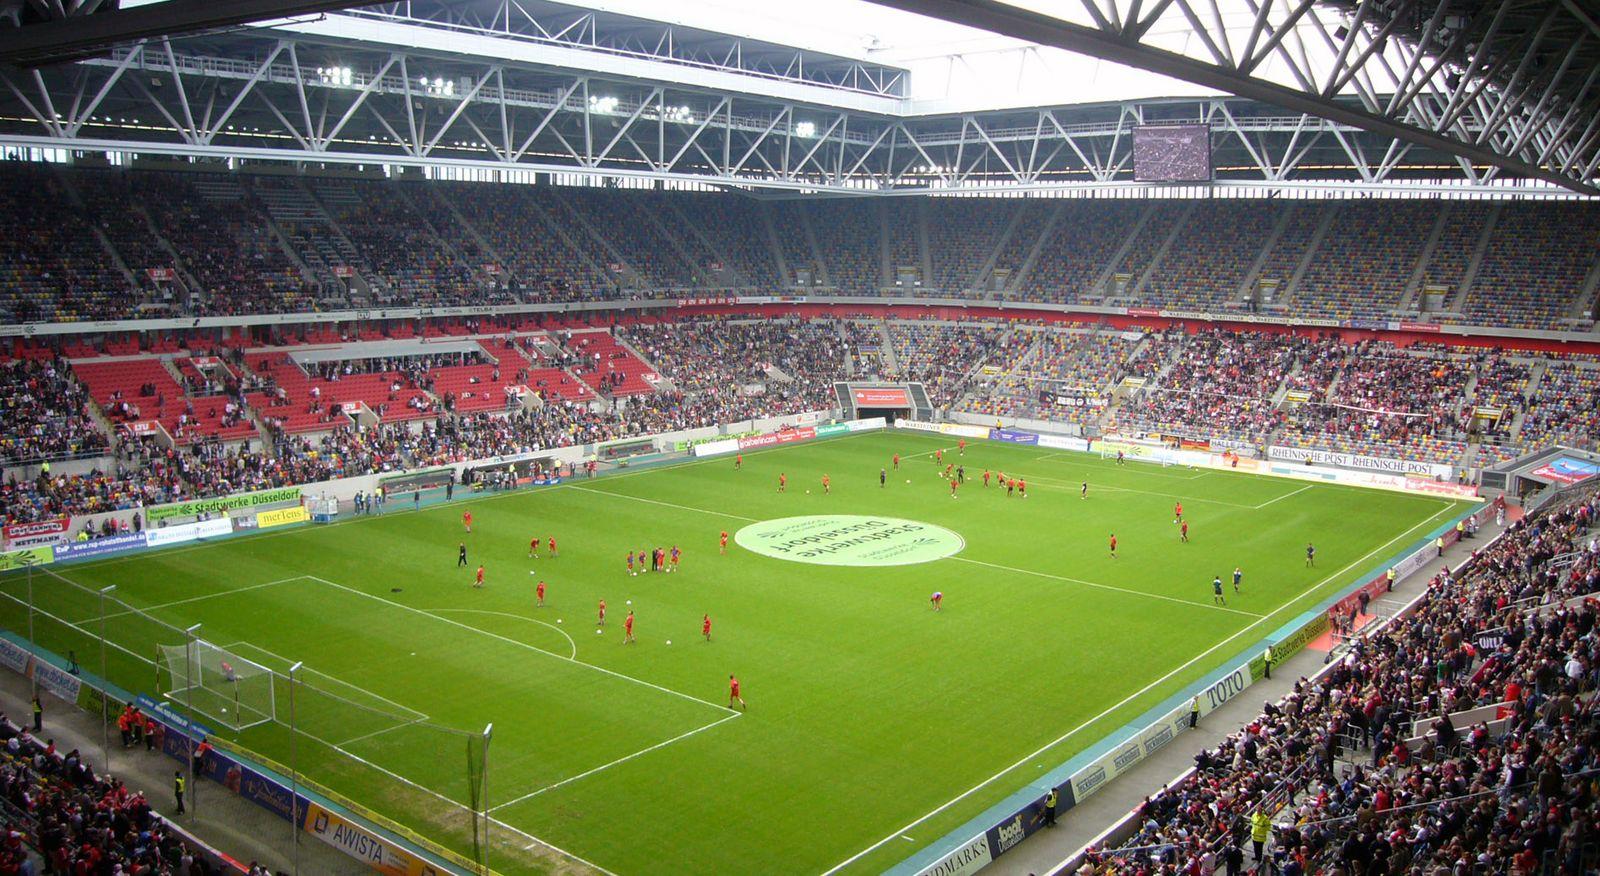 Merkur Arena DГјГџeldorf